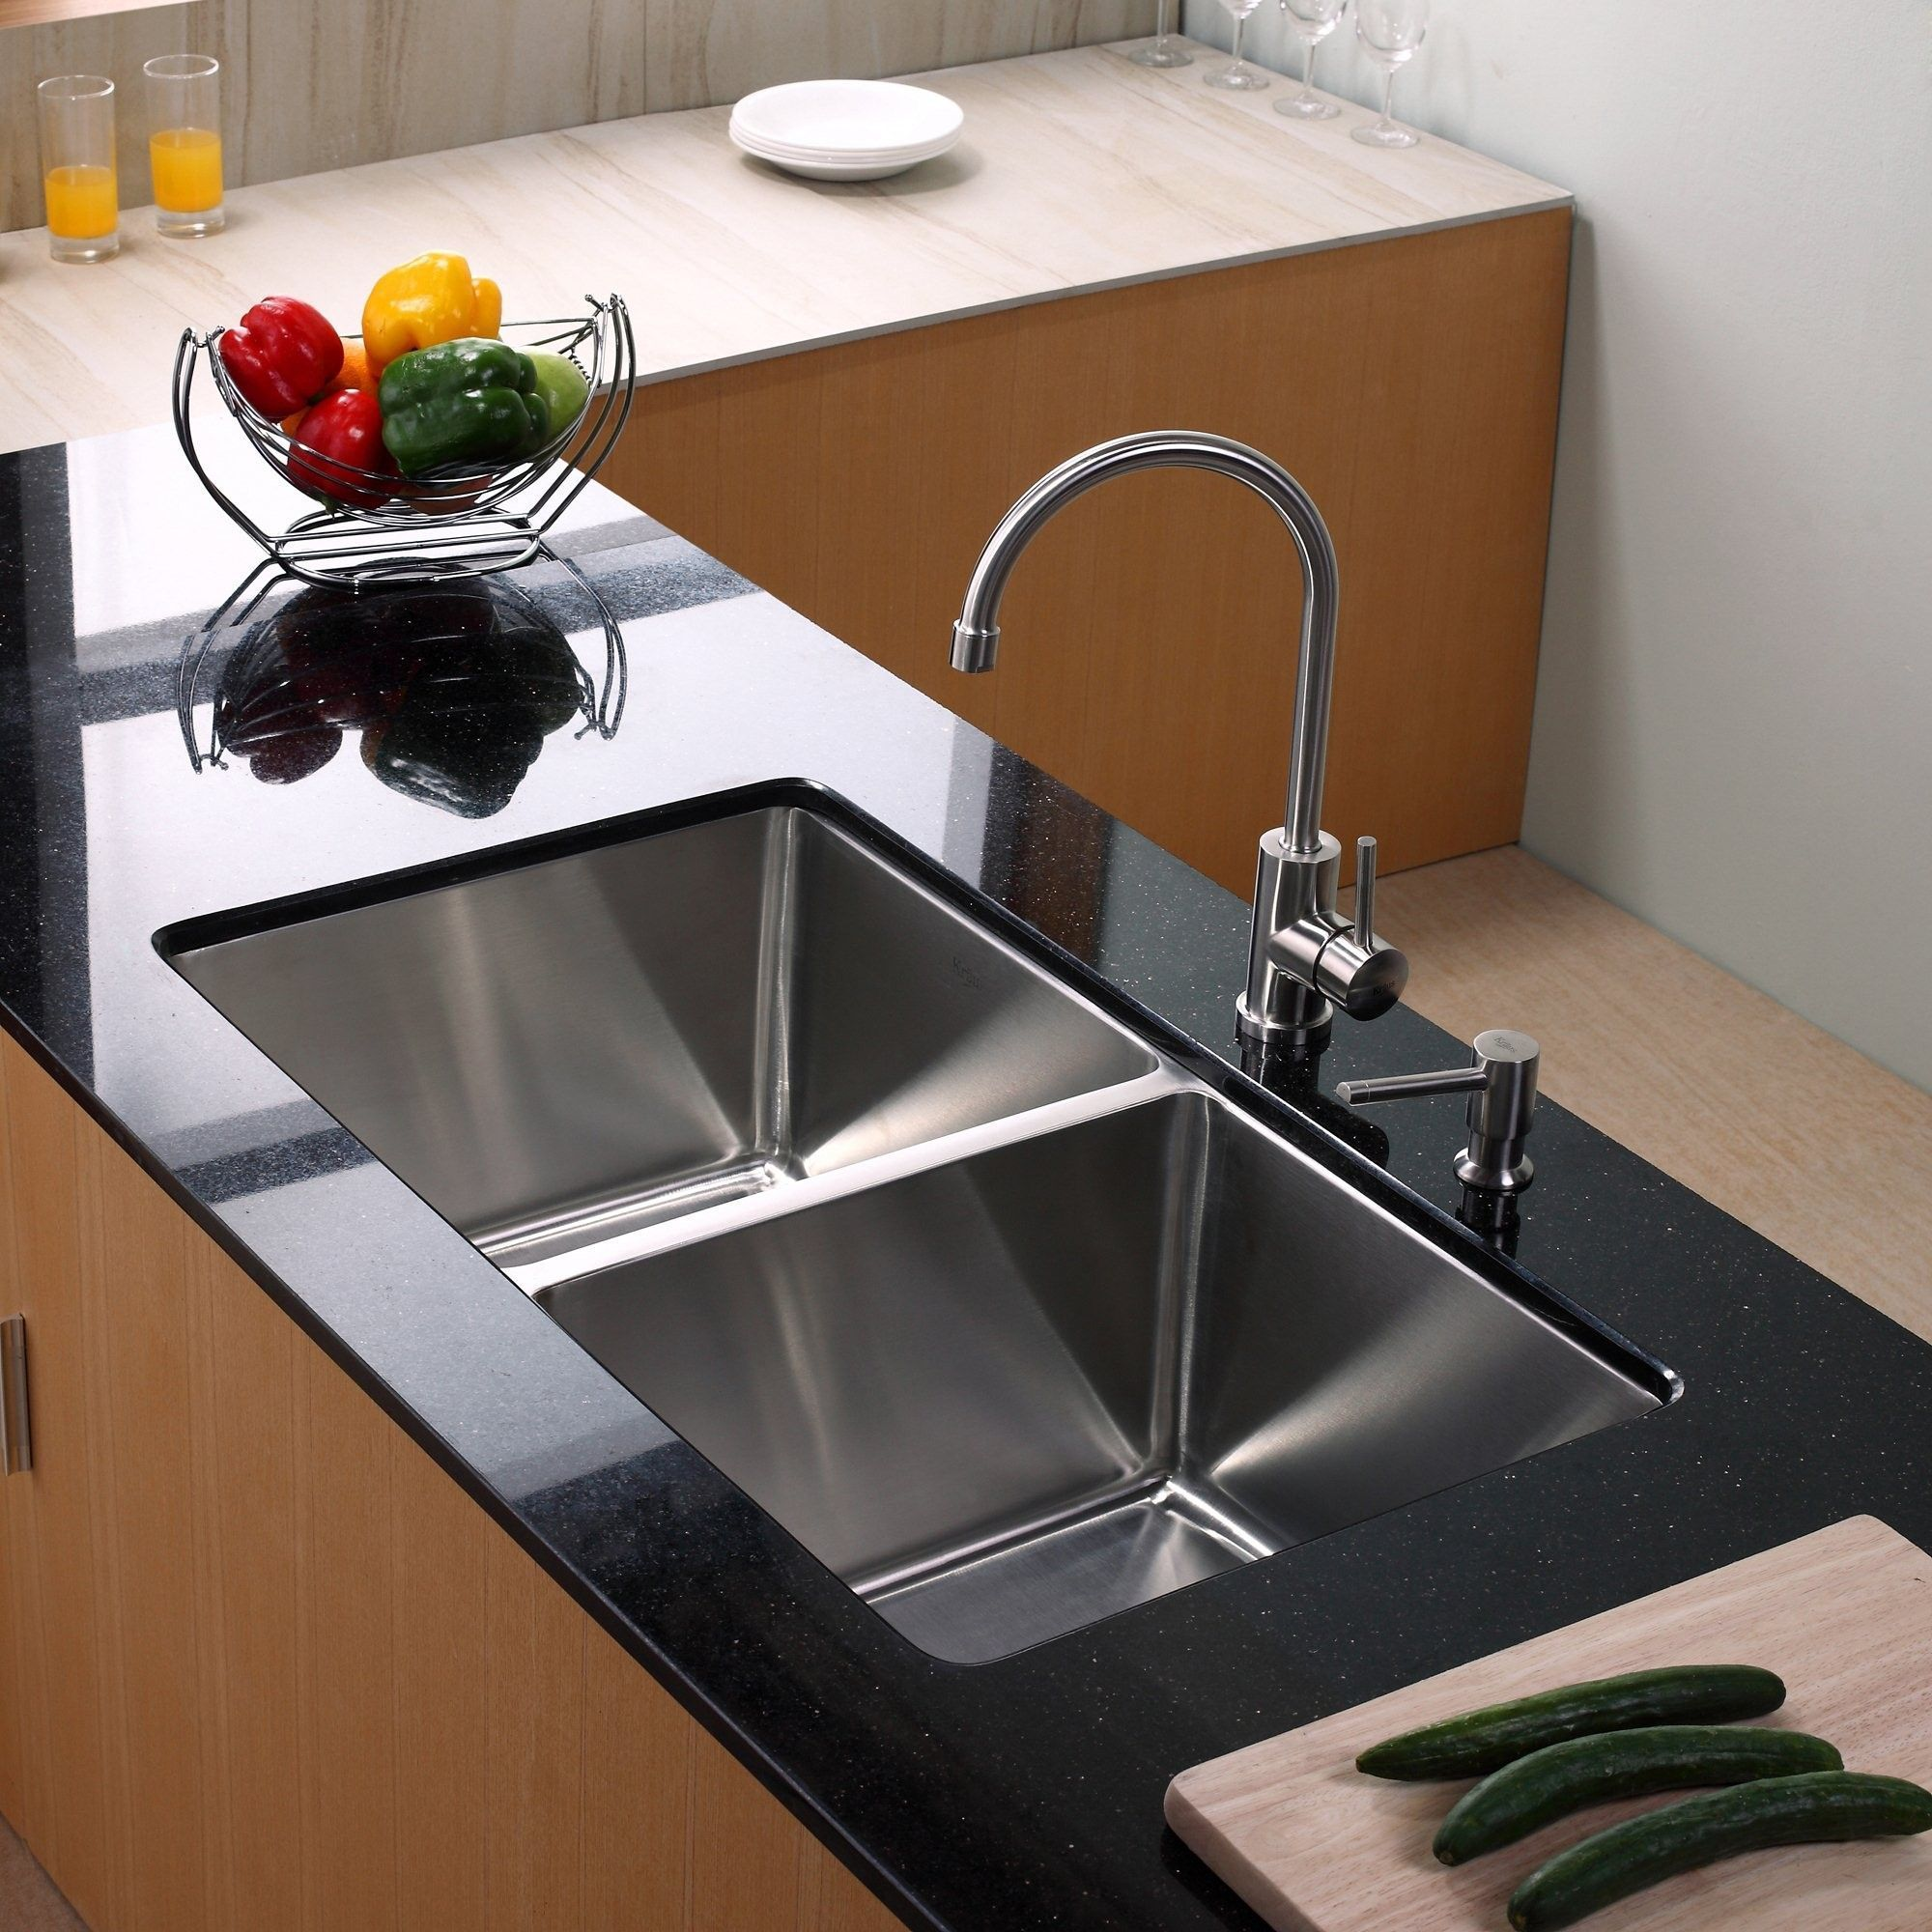 Designer Kuche Waschbecken Spulbecken Design Kuche Waschbecken